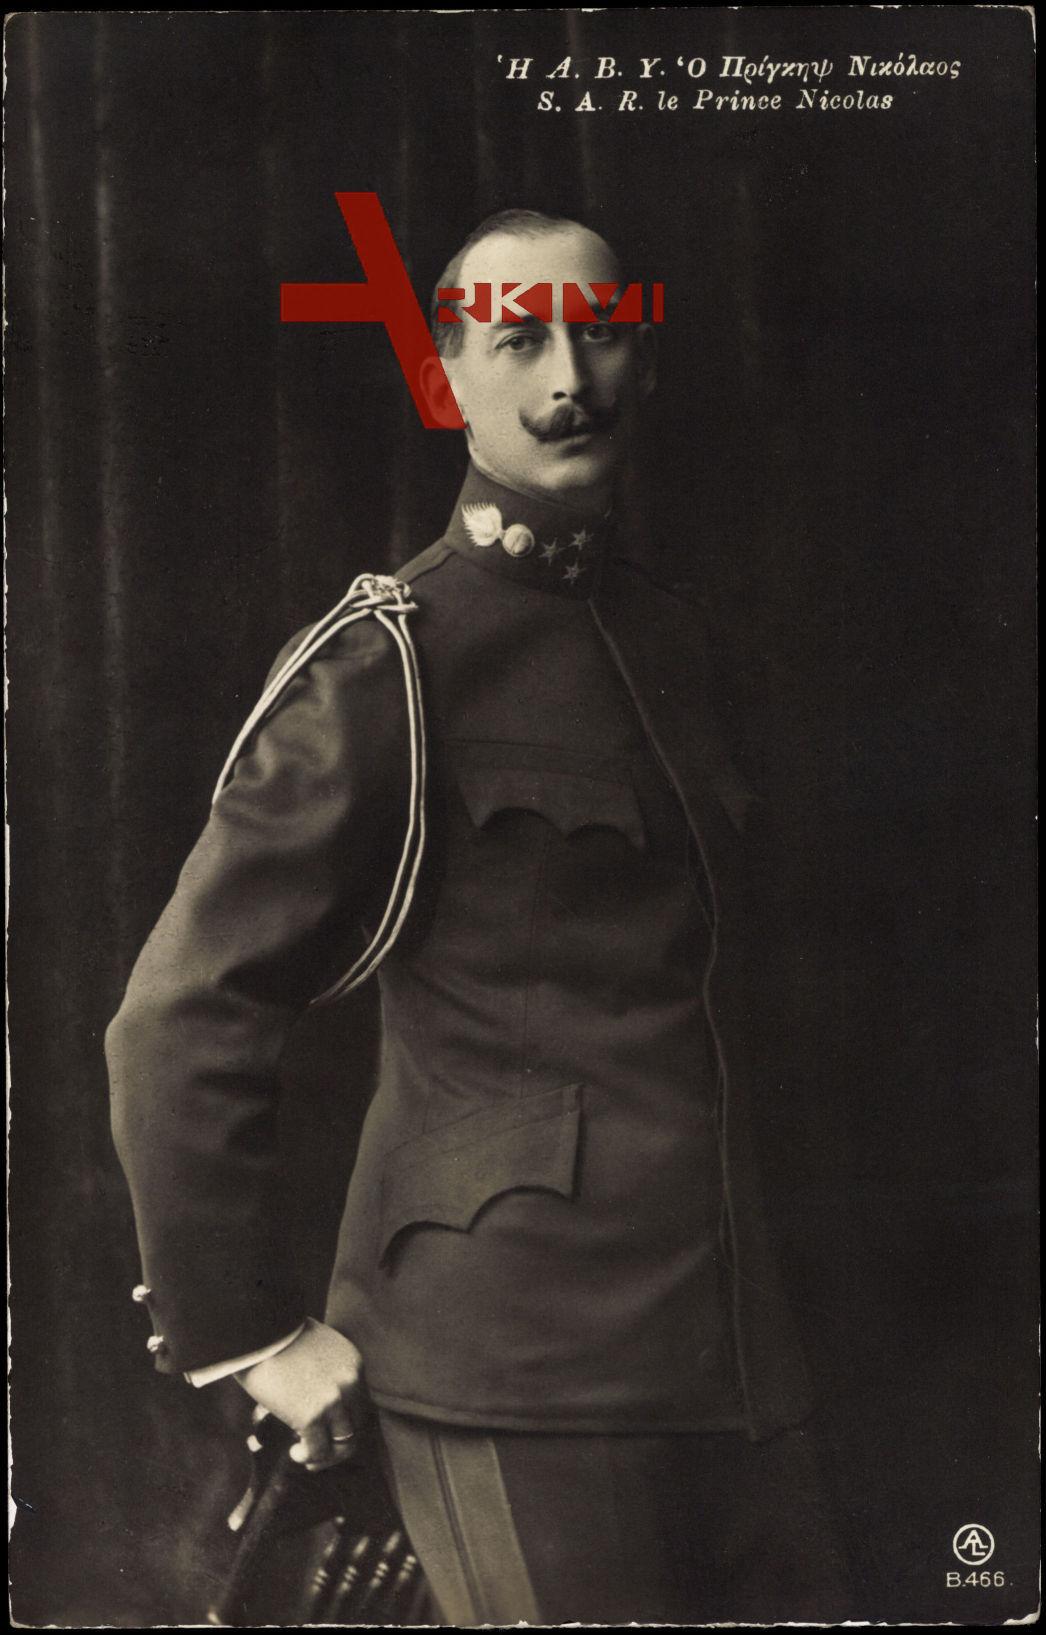 Prinz Nicolas von Griechenland, Uniform, Standportrait